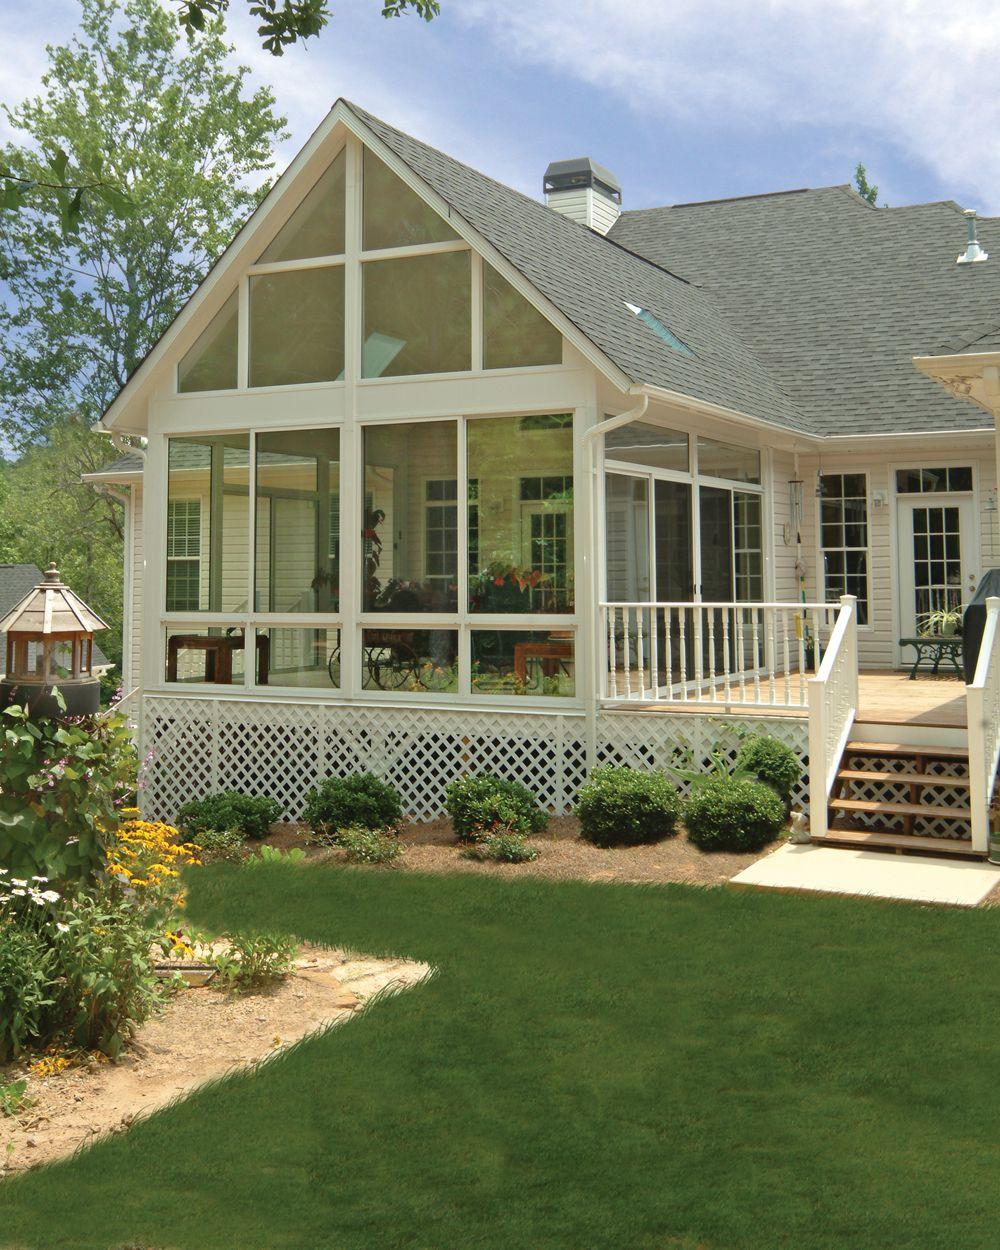 Pictures Of Enclosed Patios: Patio Sunroom Porch Enclosures